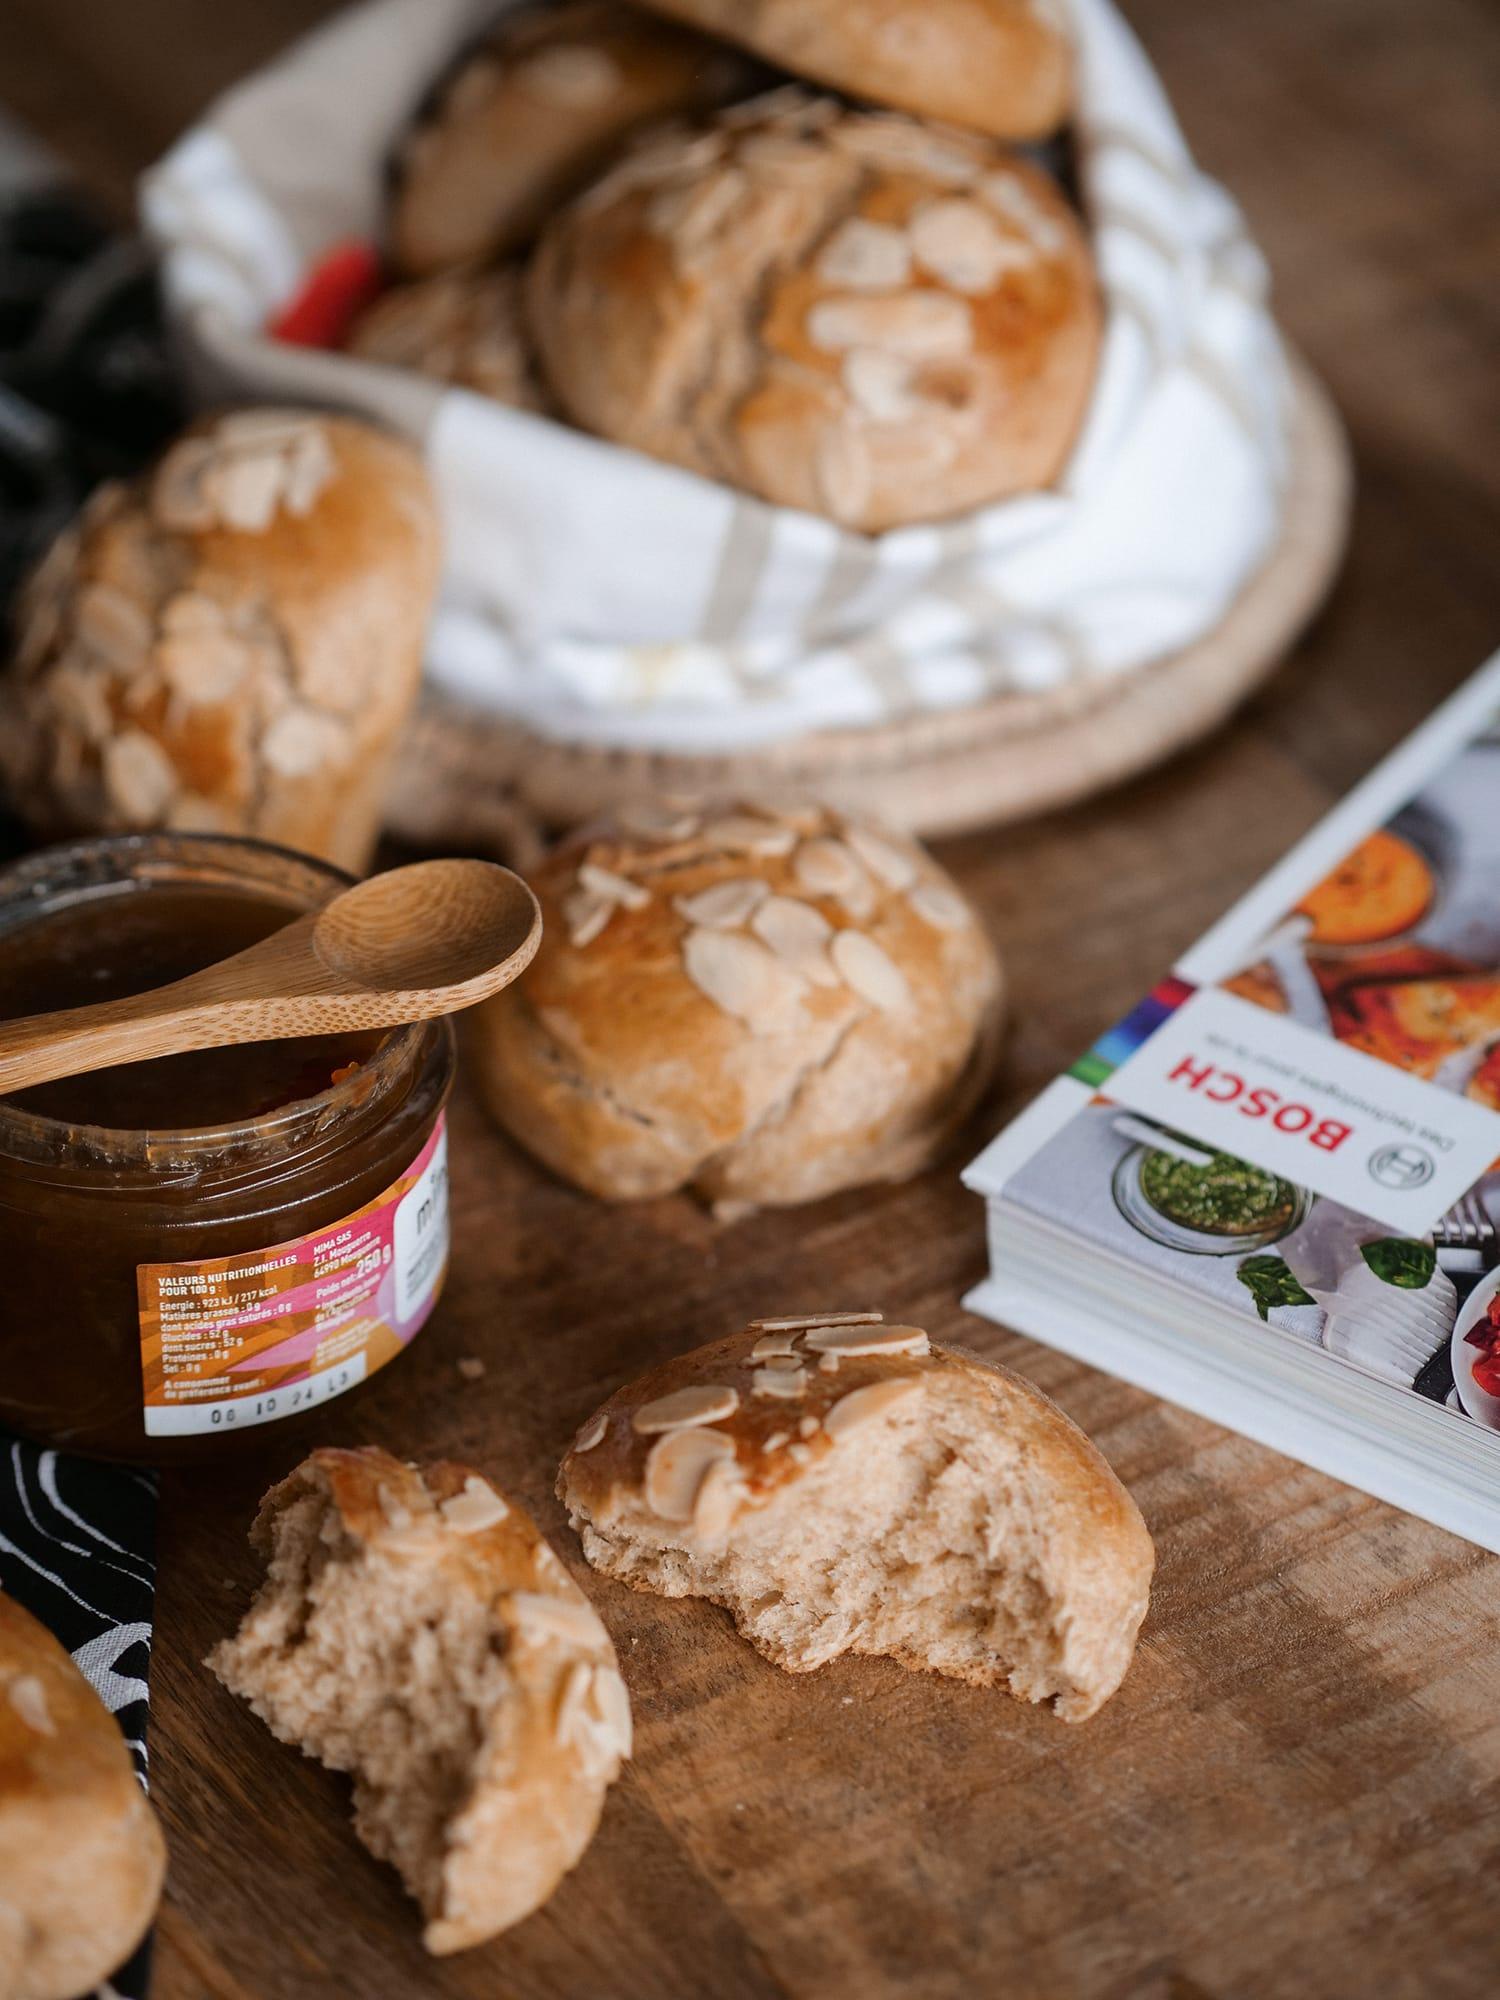 Boules énérgétiques avec Cookit de Bosch - Cacao/Beurre de Cacahuètes et Dattes/miel